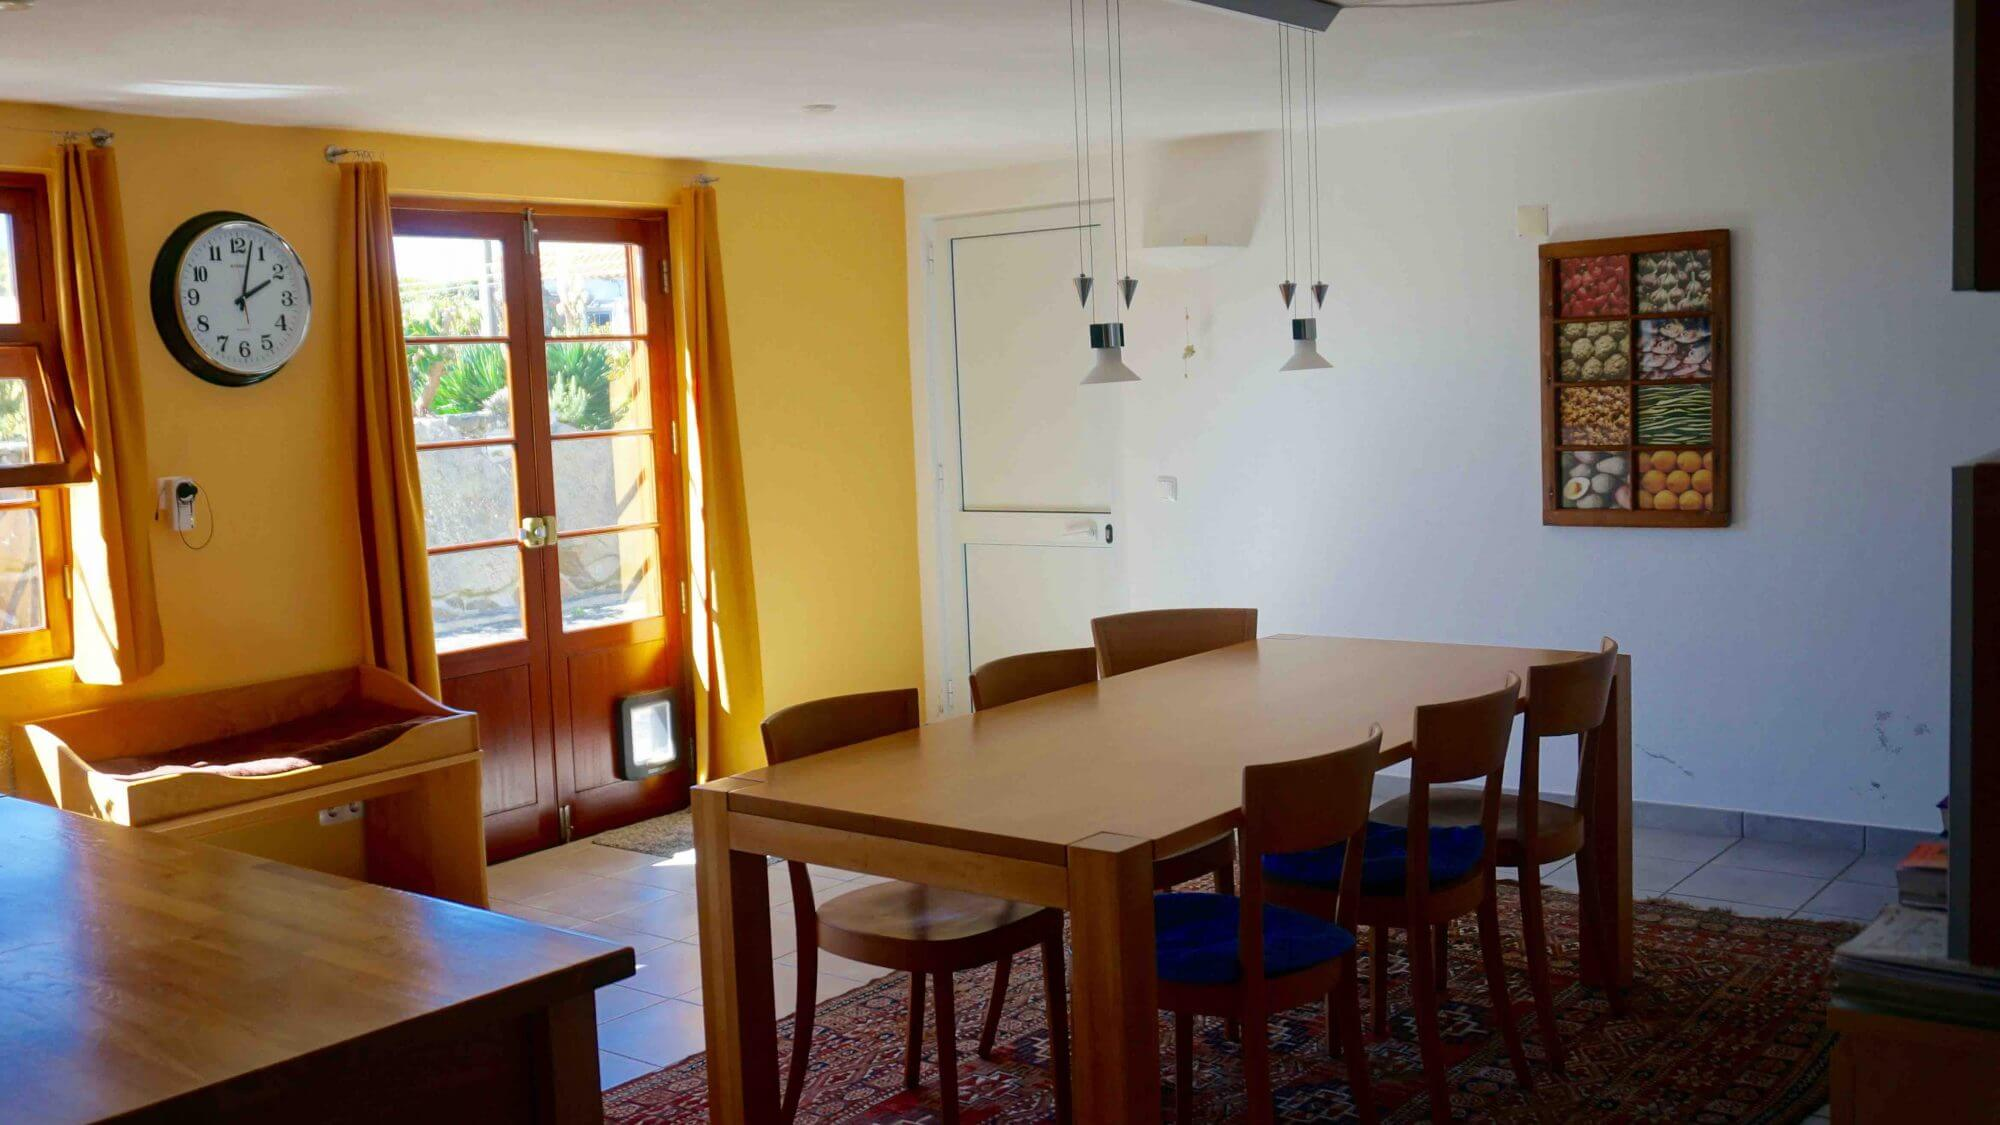 Fantastisch Ikea Küchenplanungstool Mac Galerie - Ideen Für Die ...